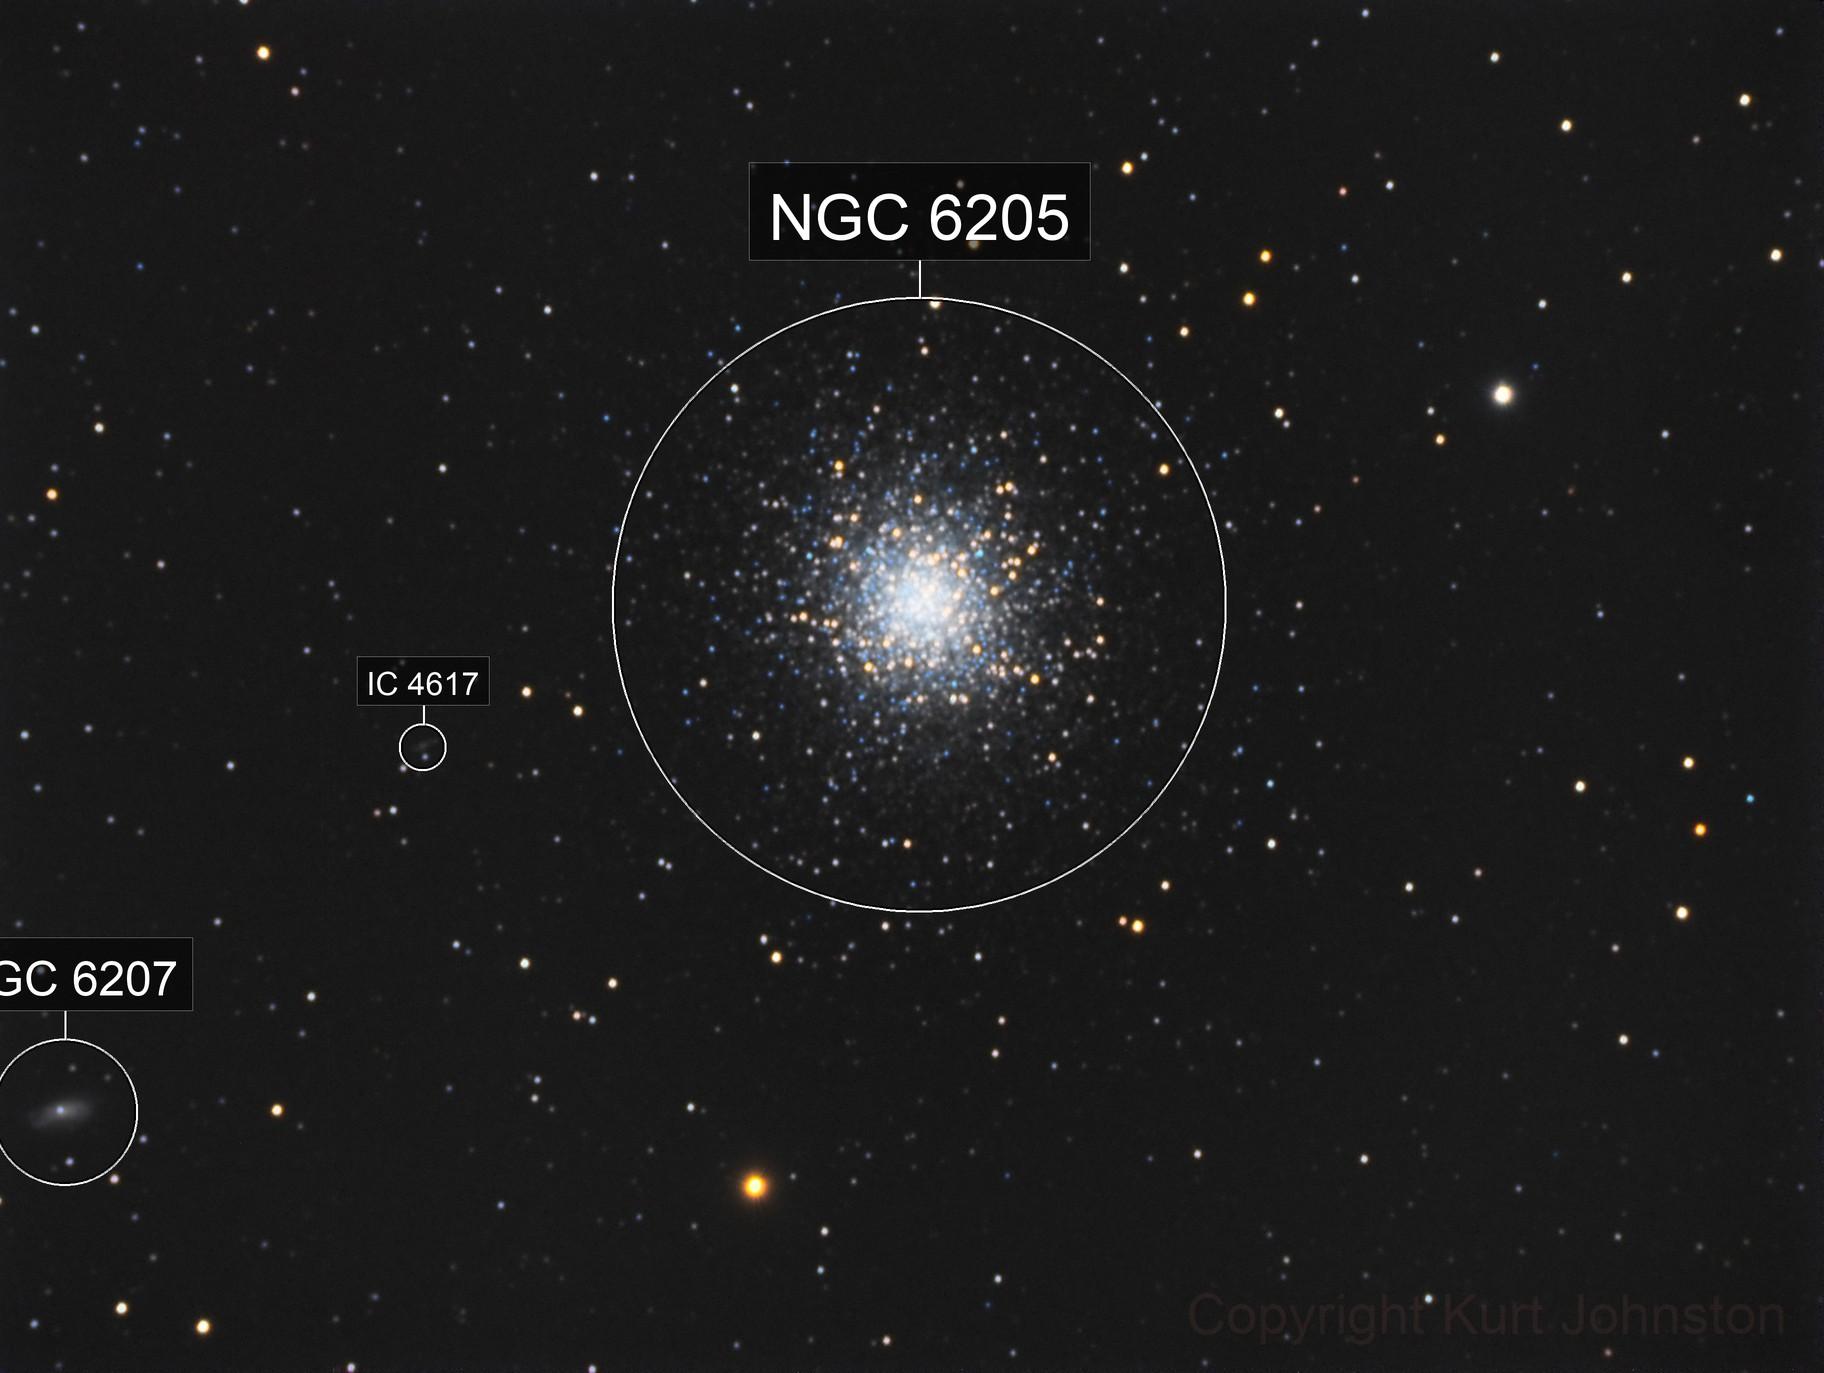 M13: Hercules Cluster (2010)